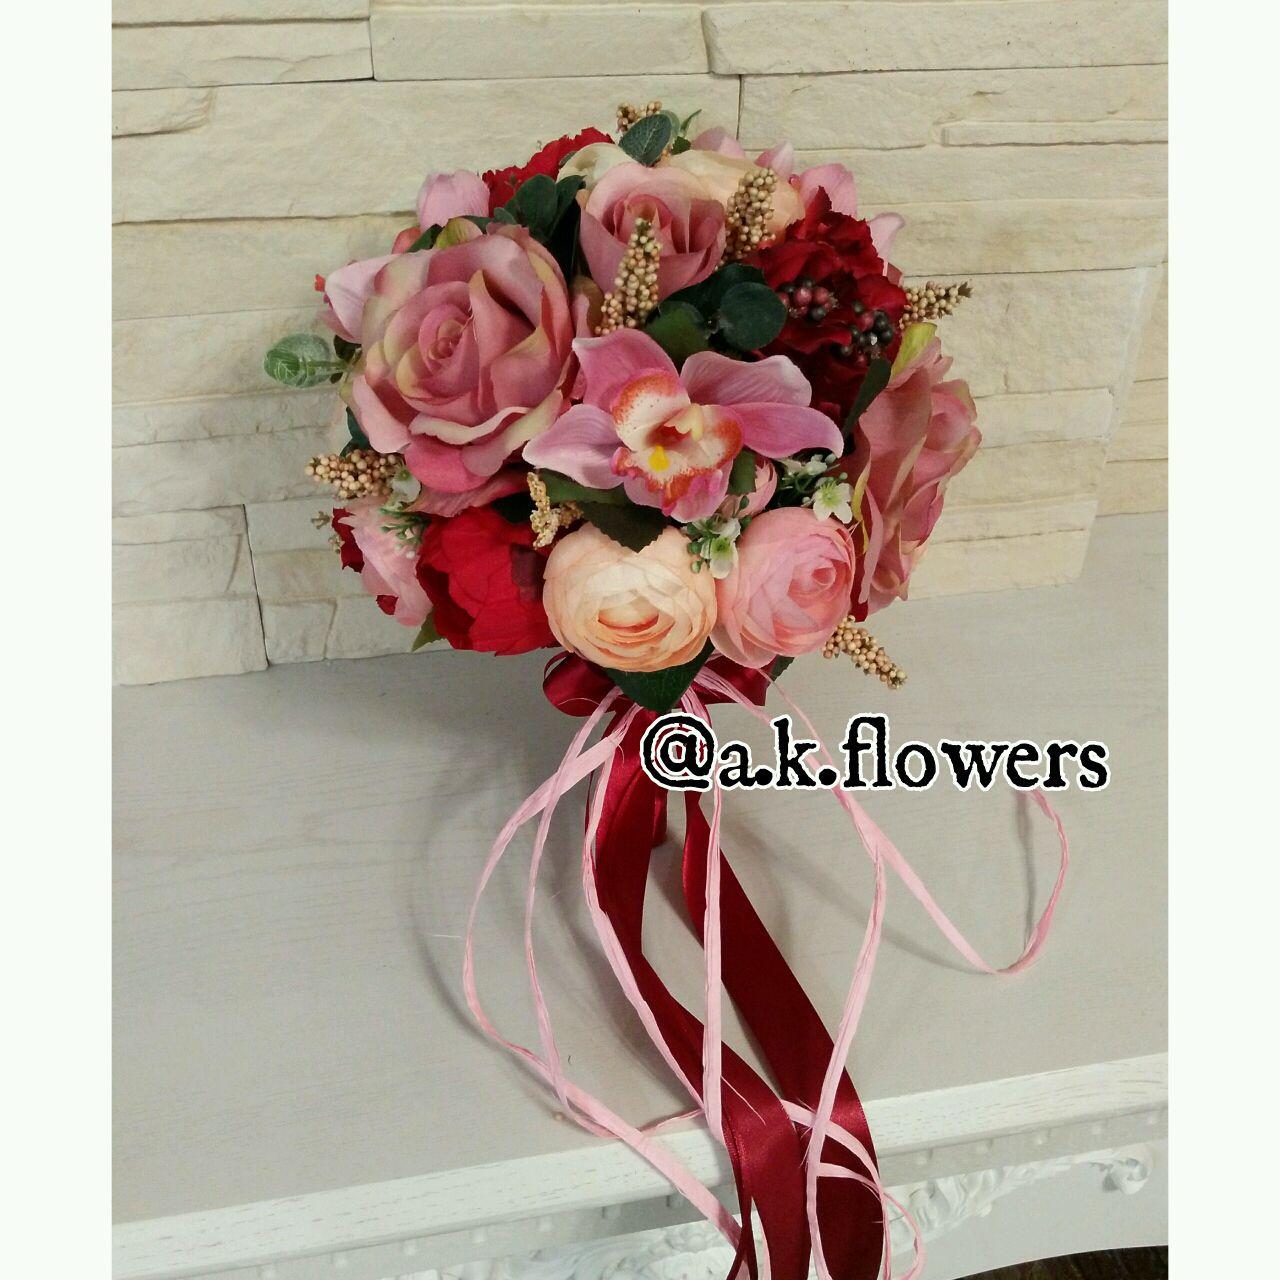 Вырастить розы, лучший букет для невесты из искусственных цветов алматы